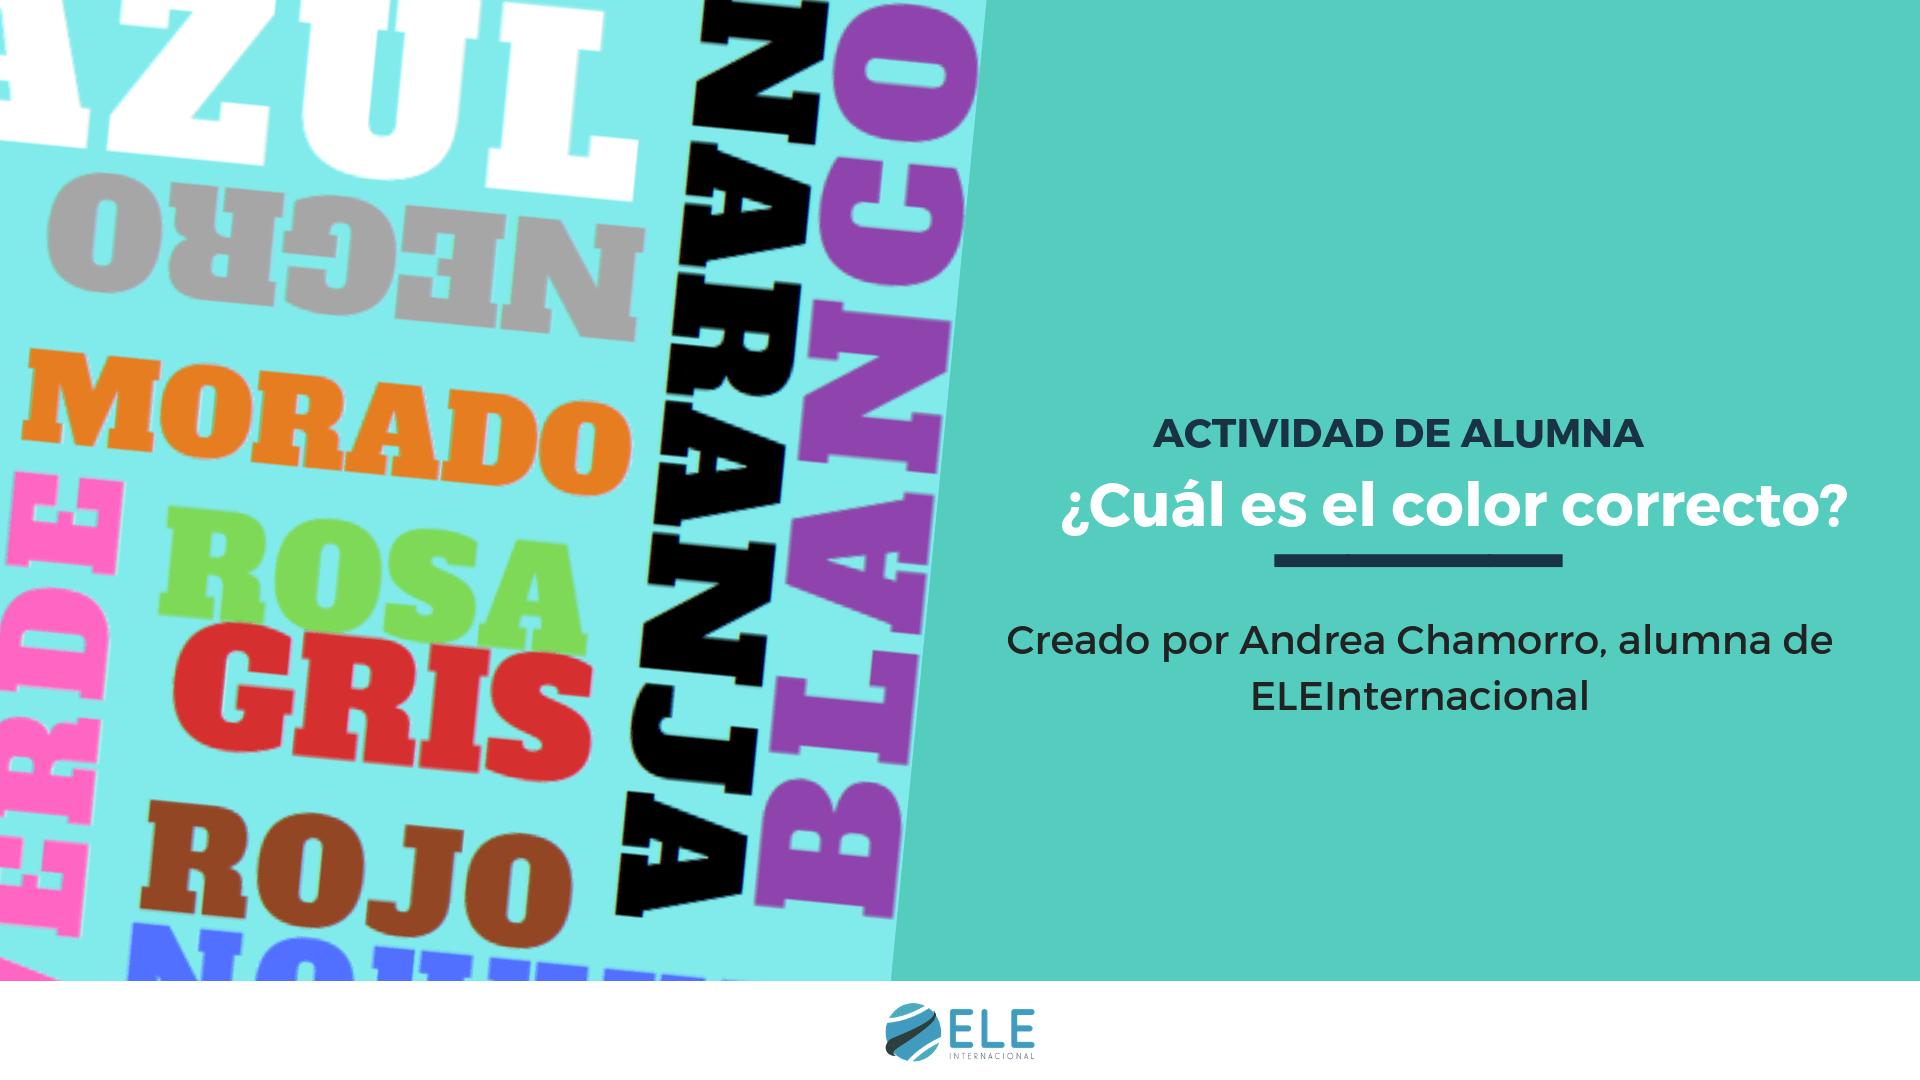 El juego de los colores. Ideas para trabajar los colores en clase de idiomas. #profedeele #spanishteacher